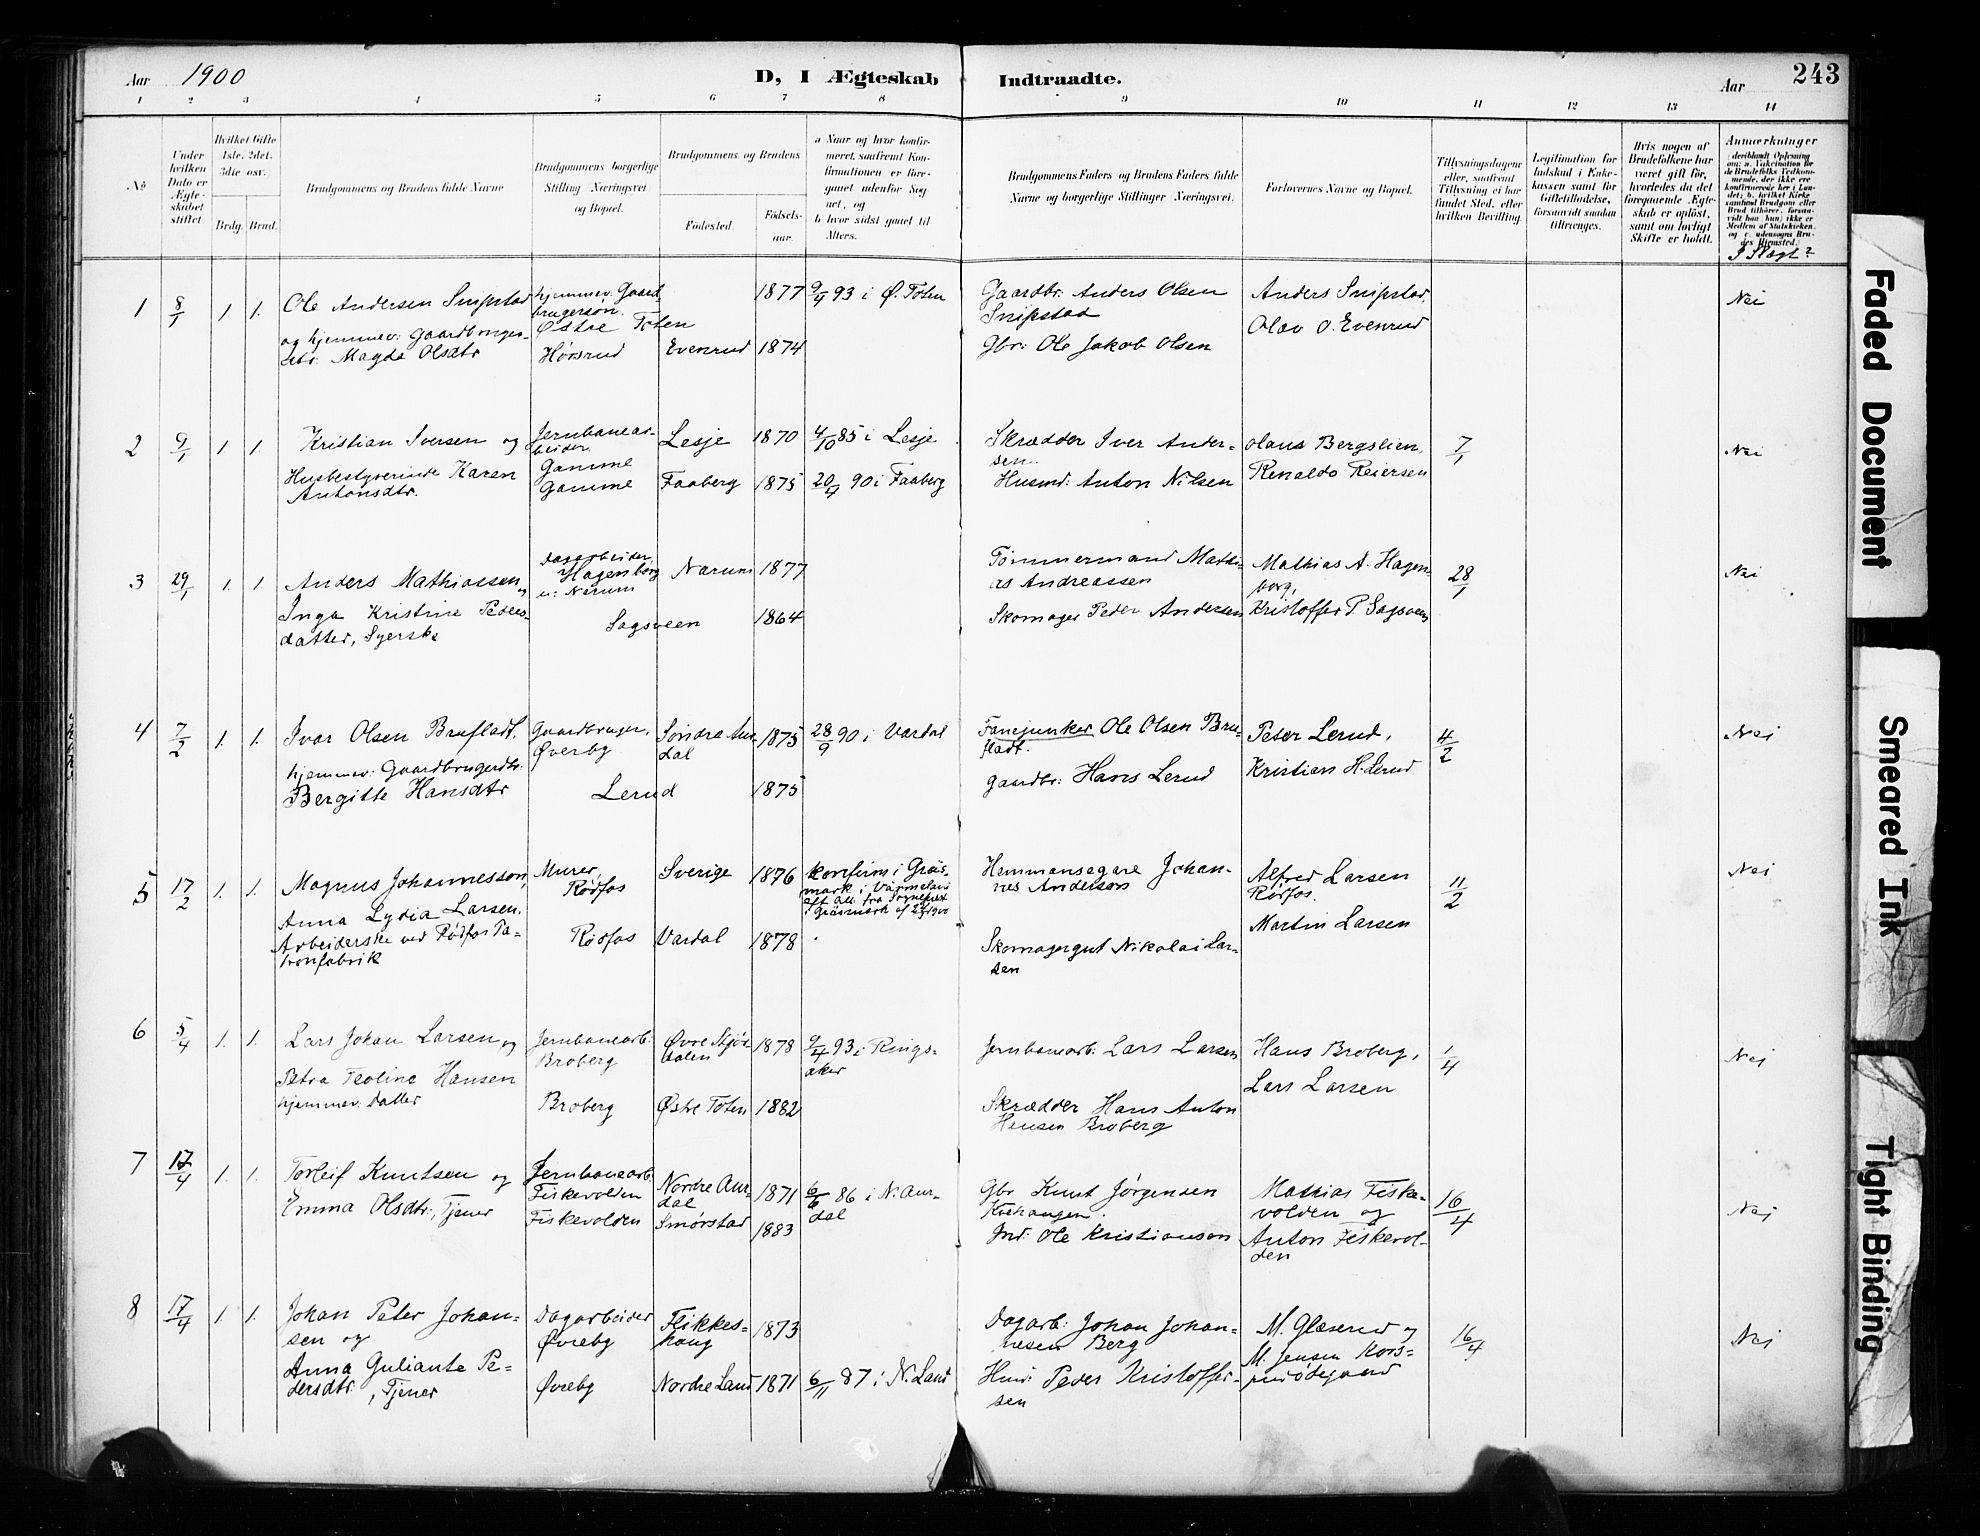 SAH, Vestre Toten prestekontor, Ministerialbok nr. 11, 1895-1906, s. 243